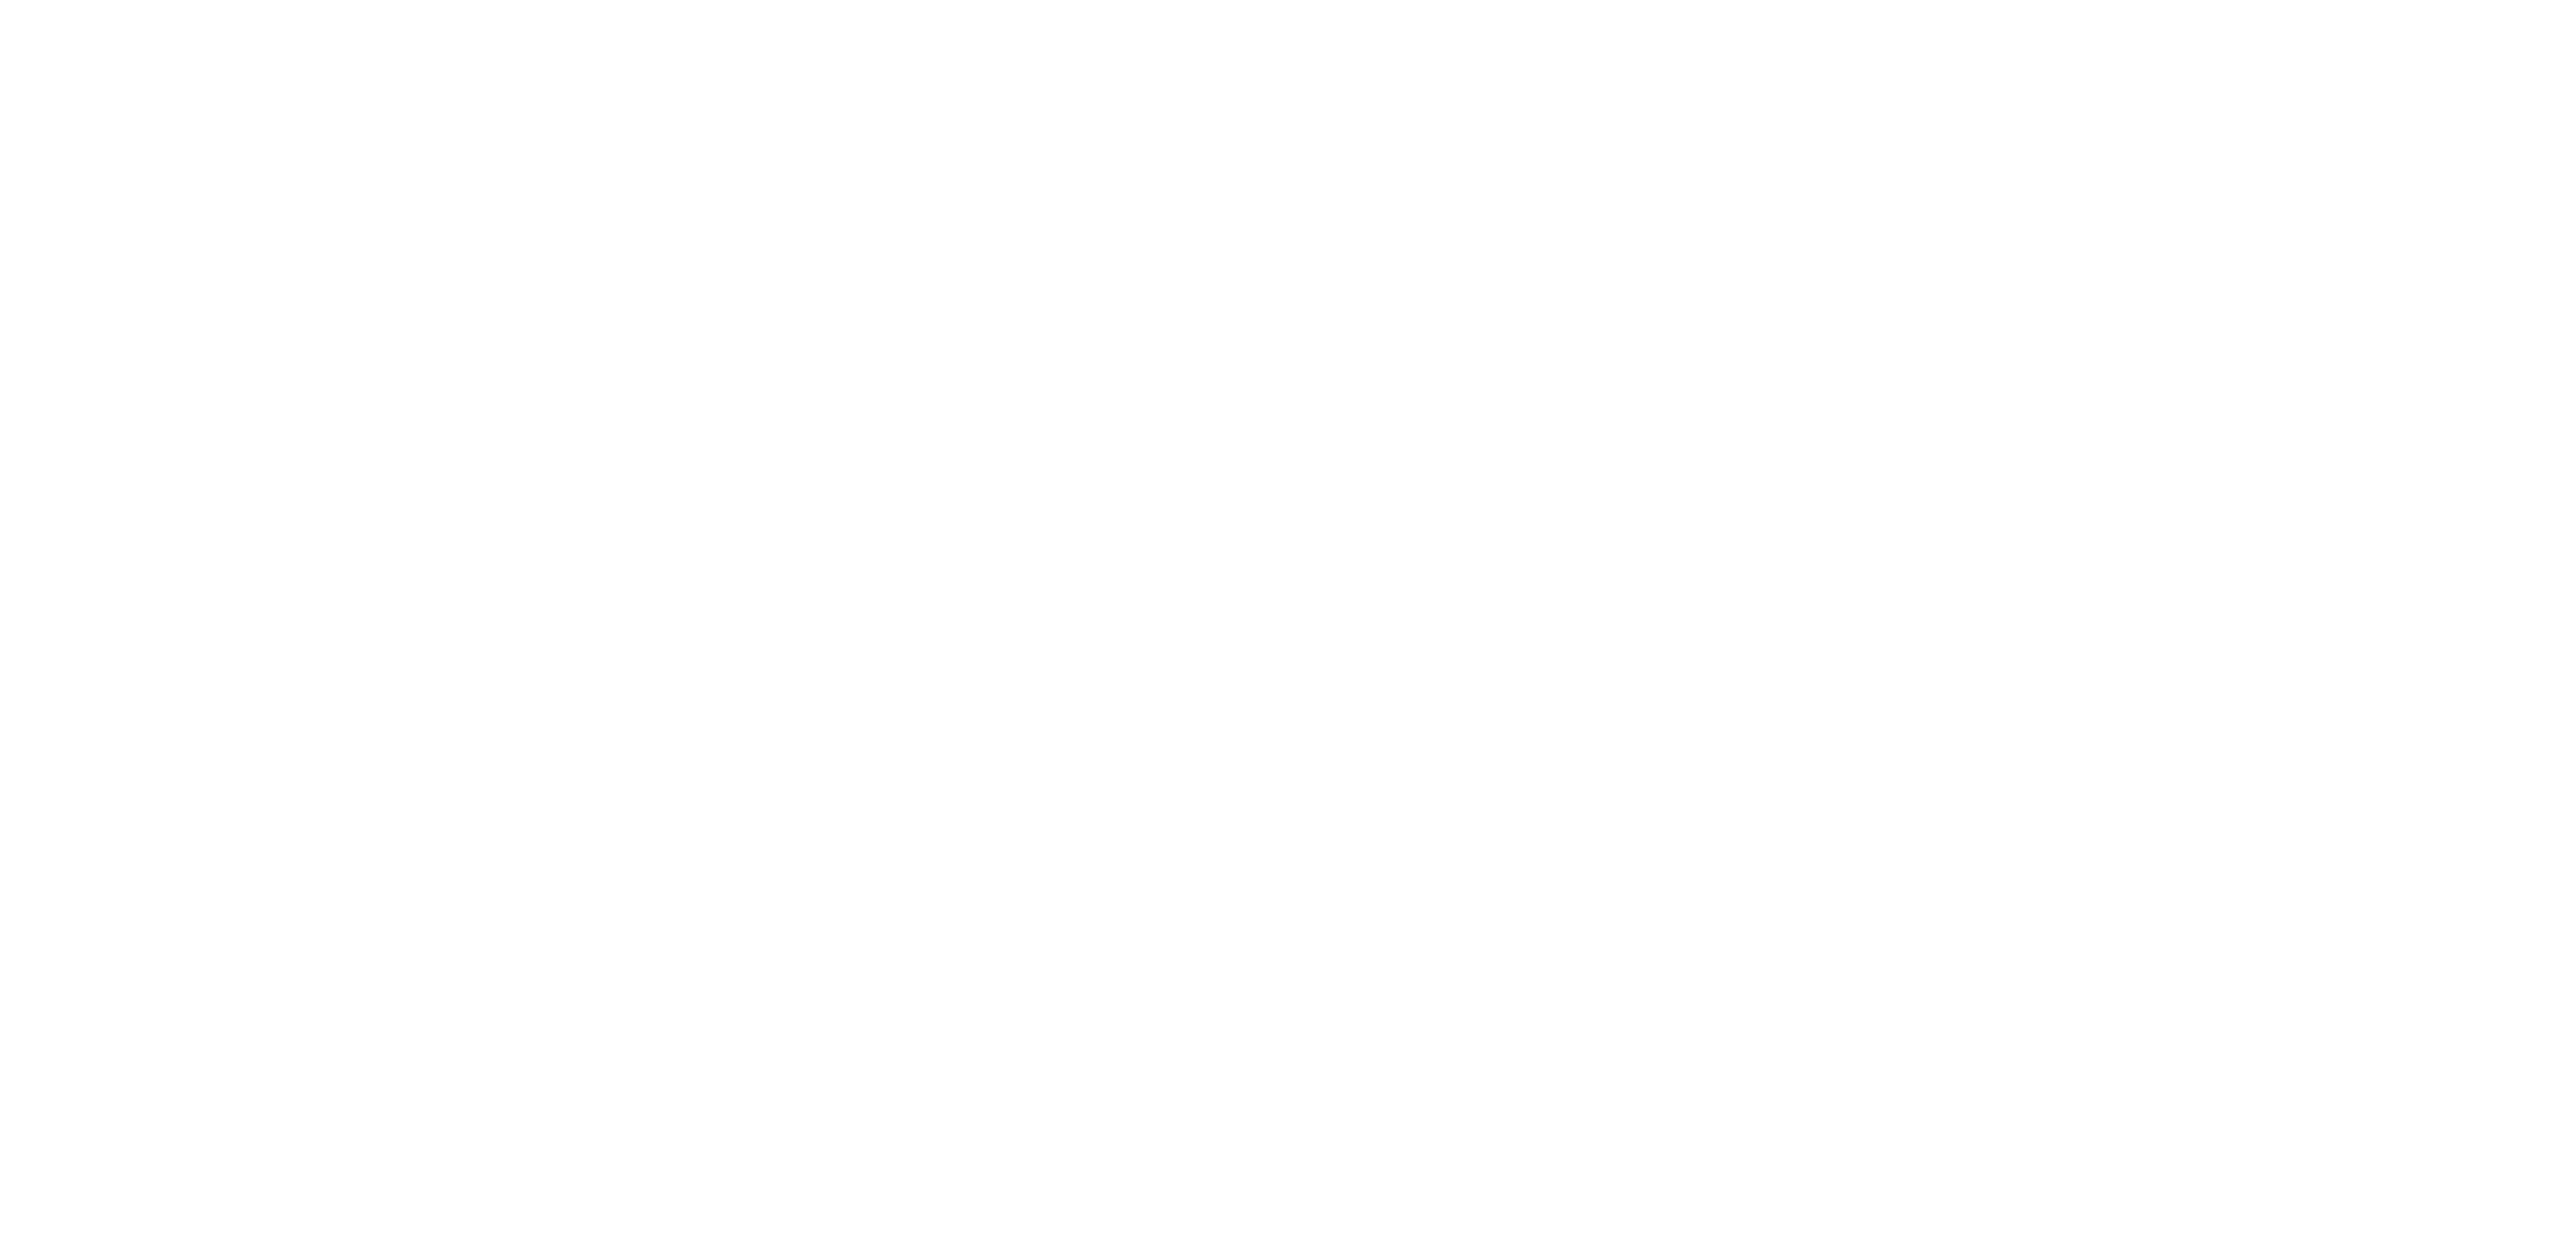 Modcraft logo - white, large